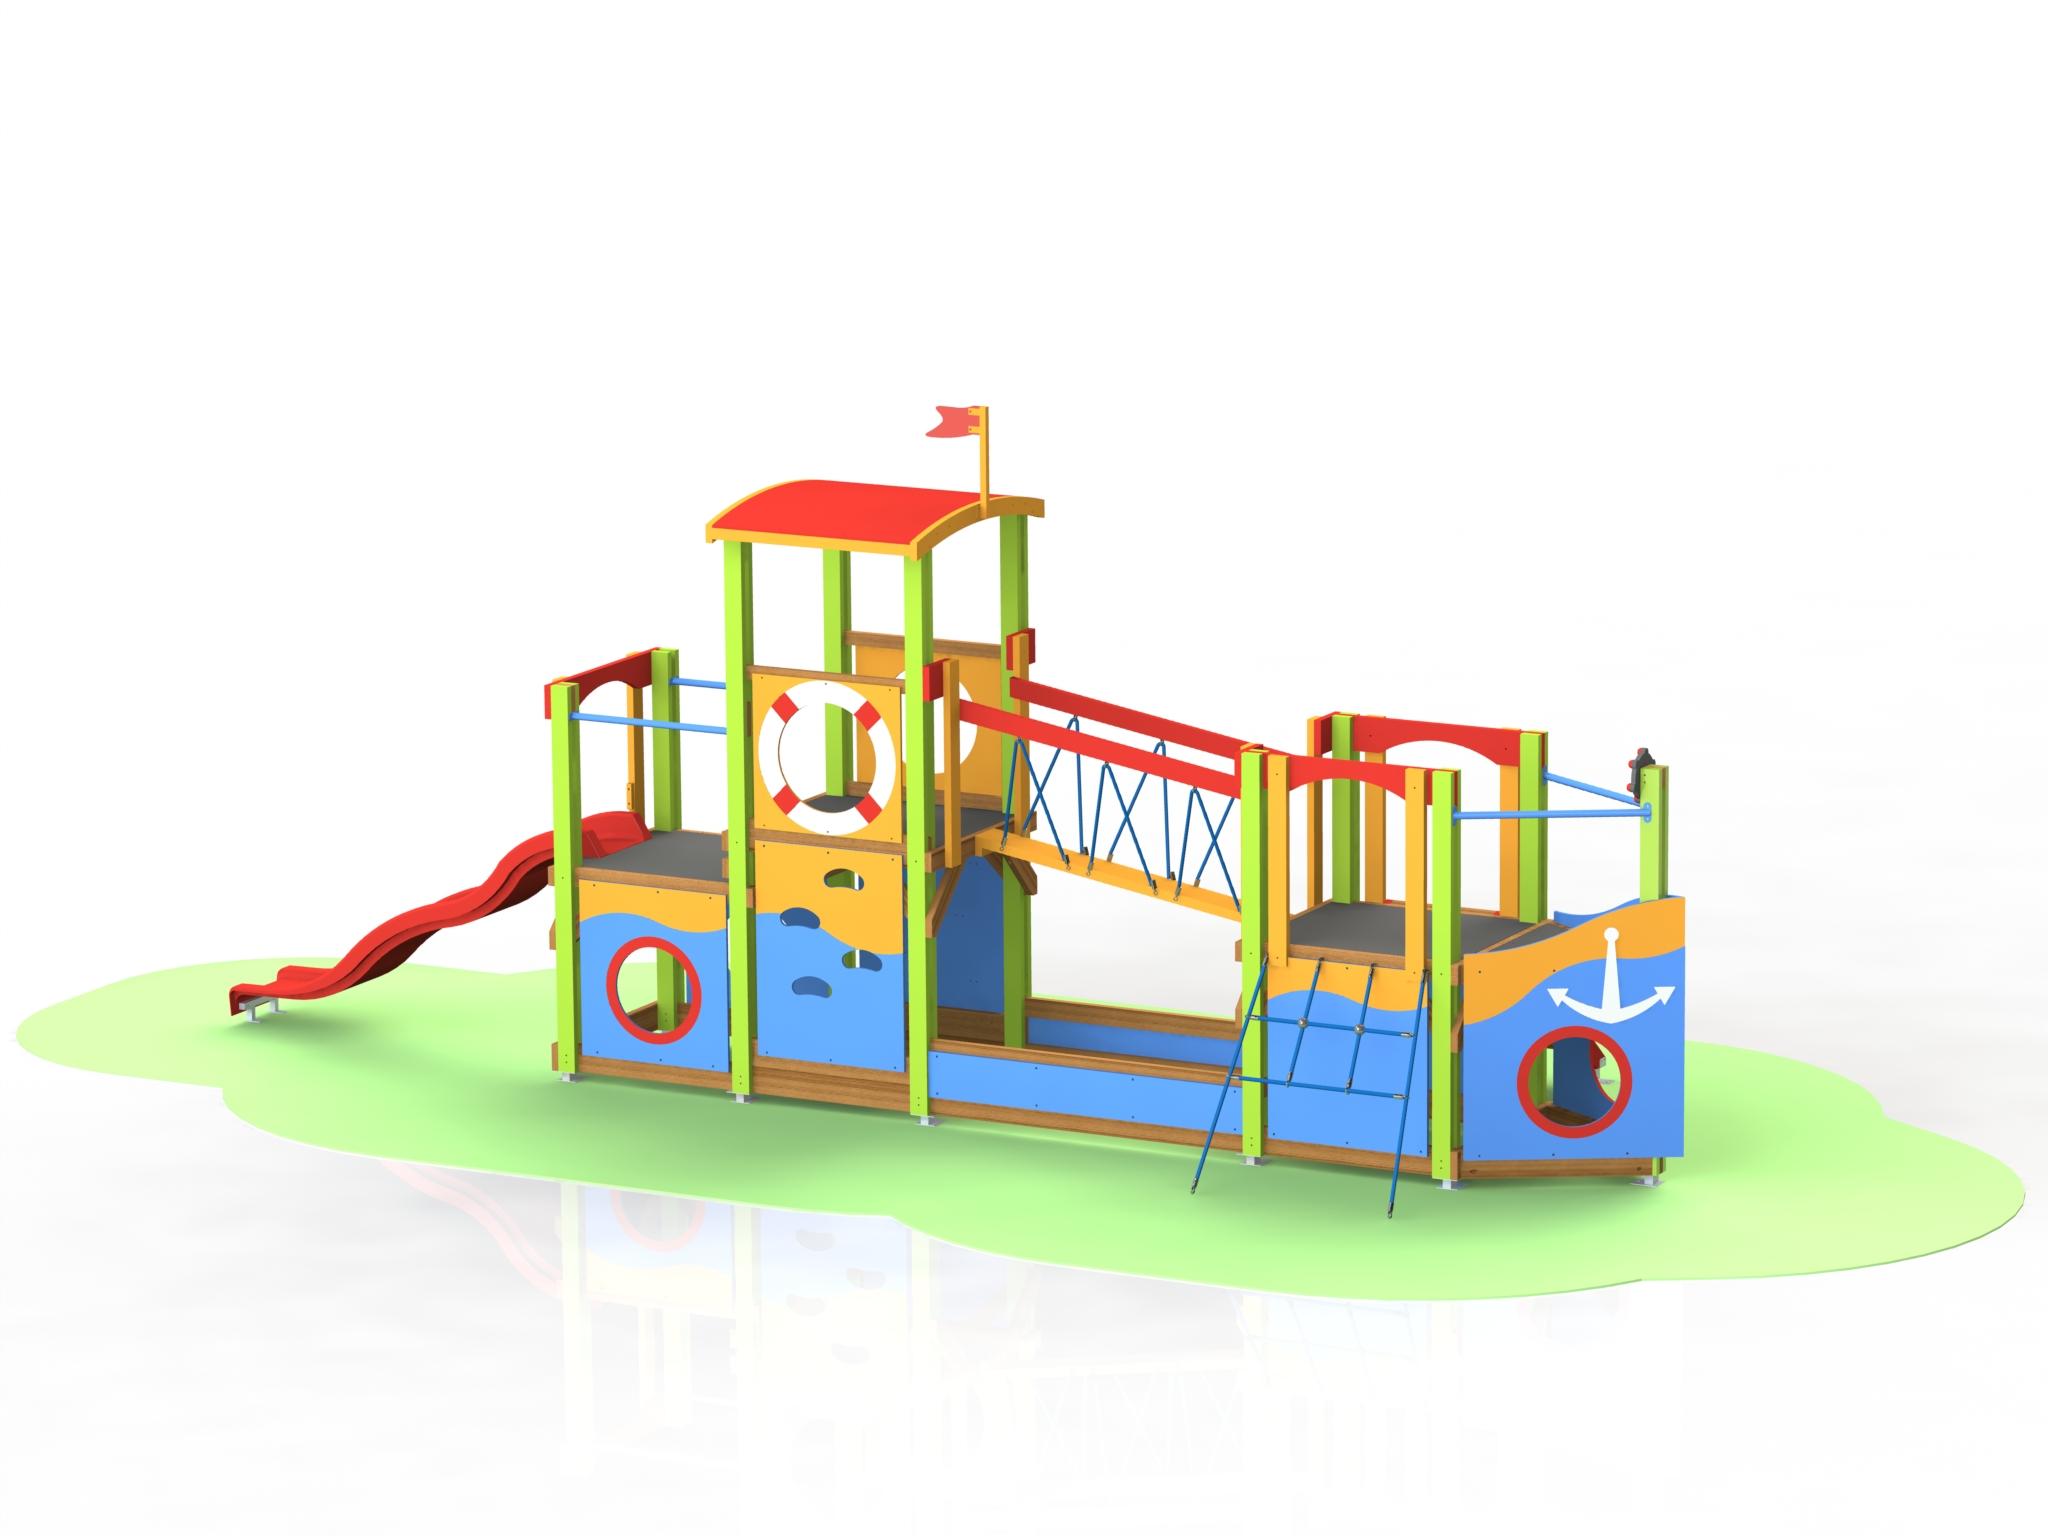 Снимка на продукта: Комбинирано детско съоръжение, модел Т05